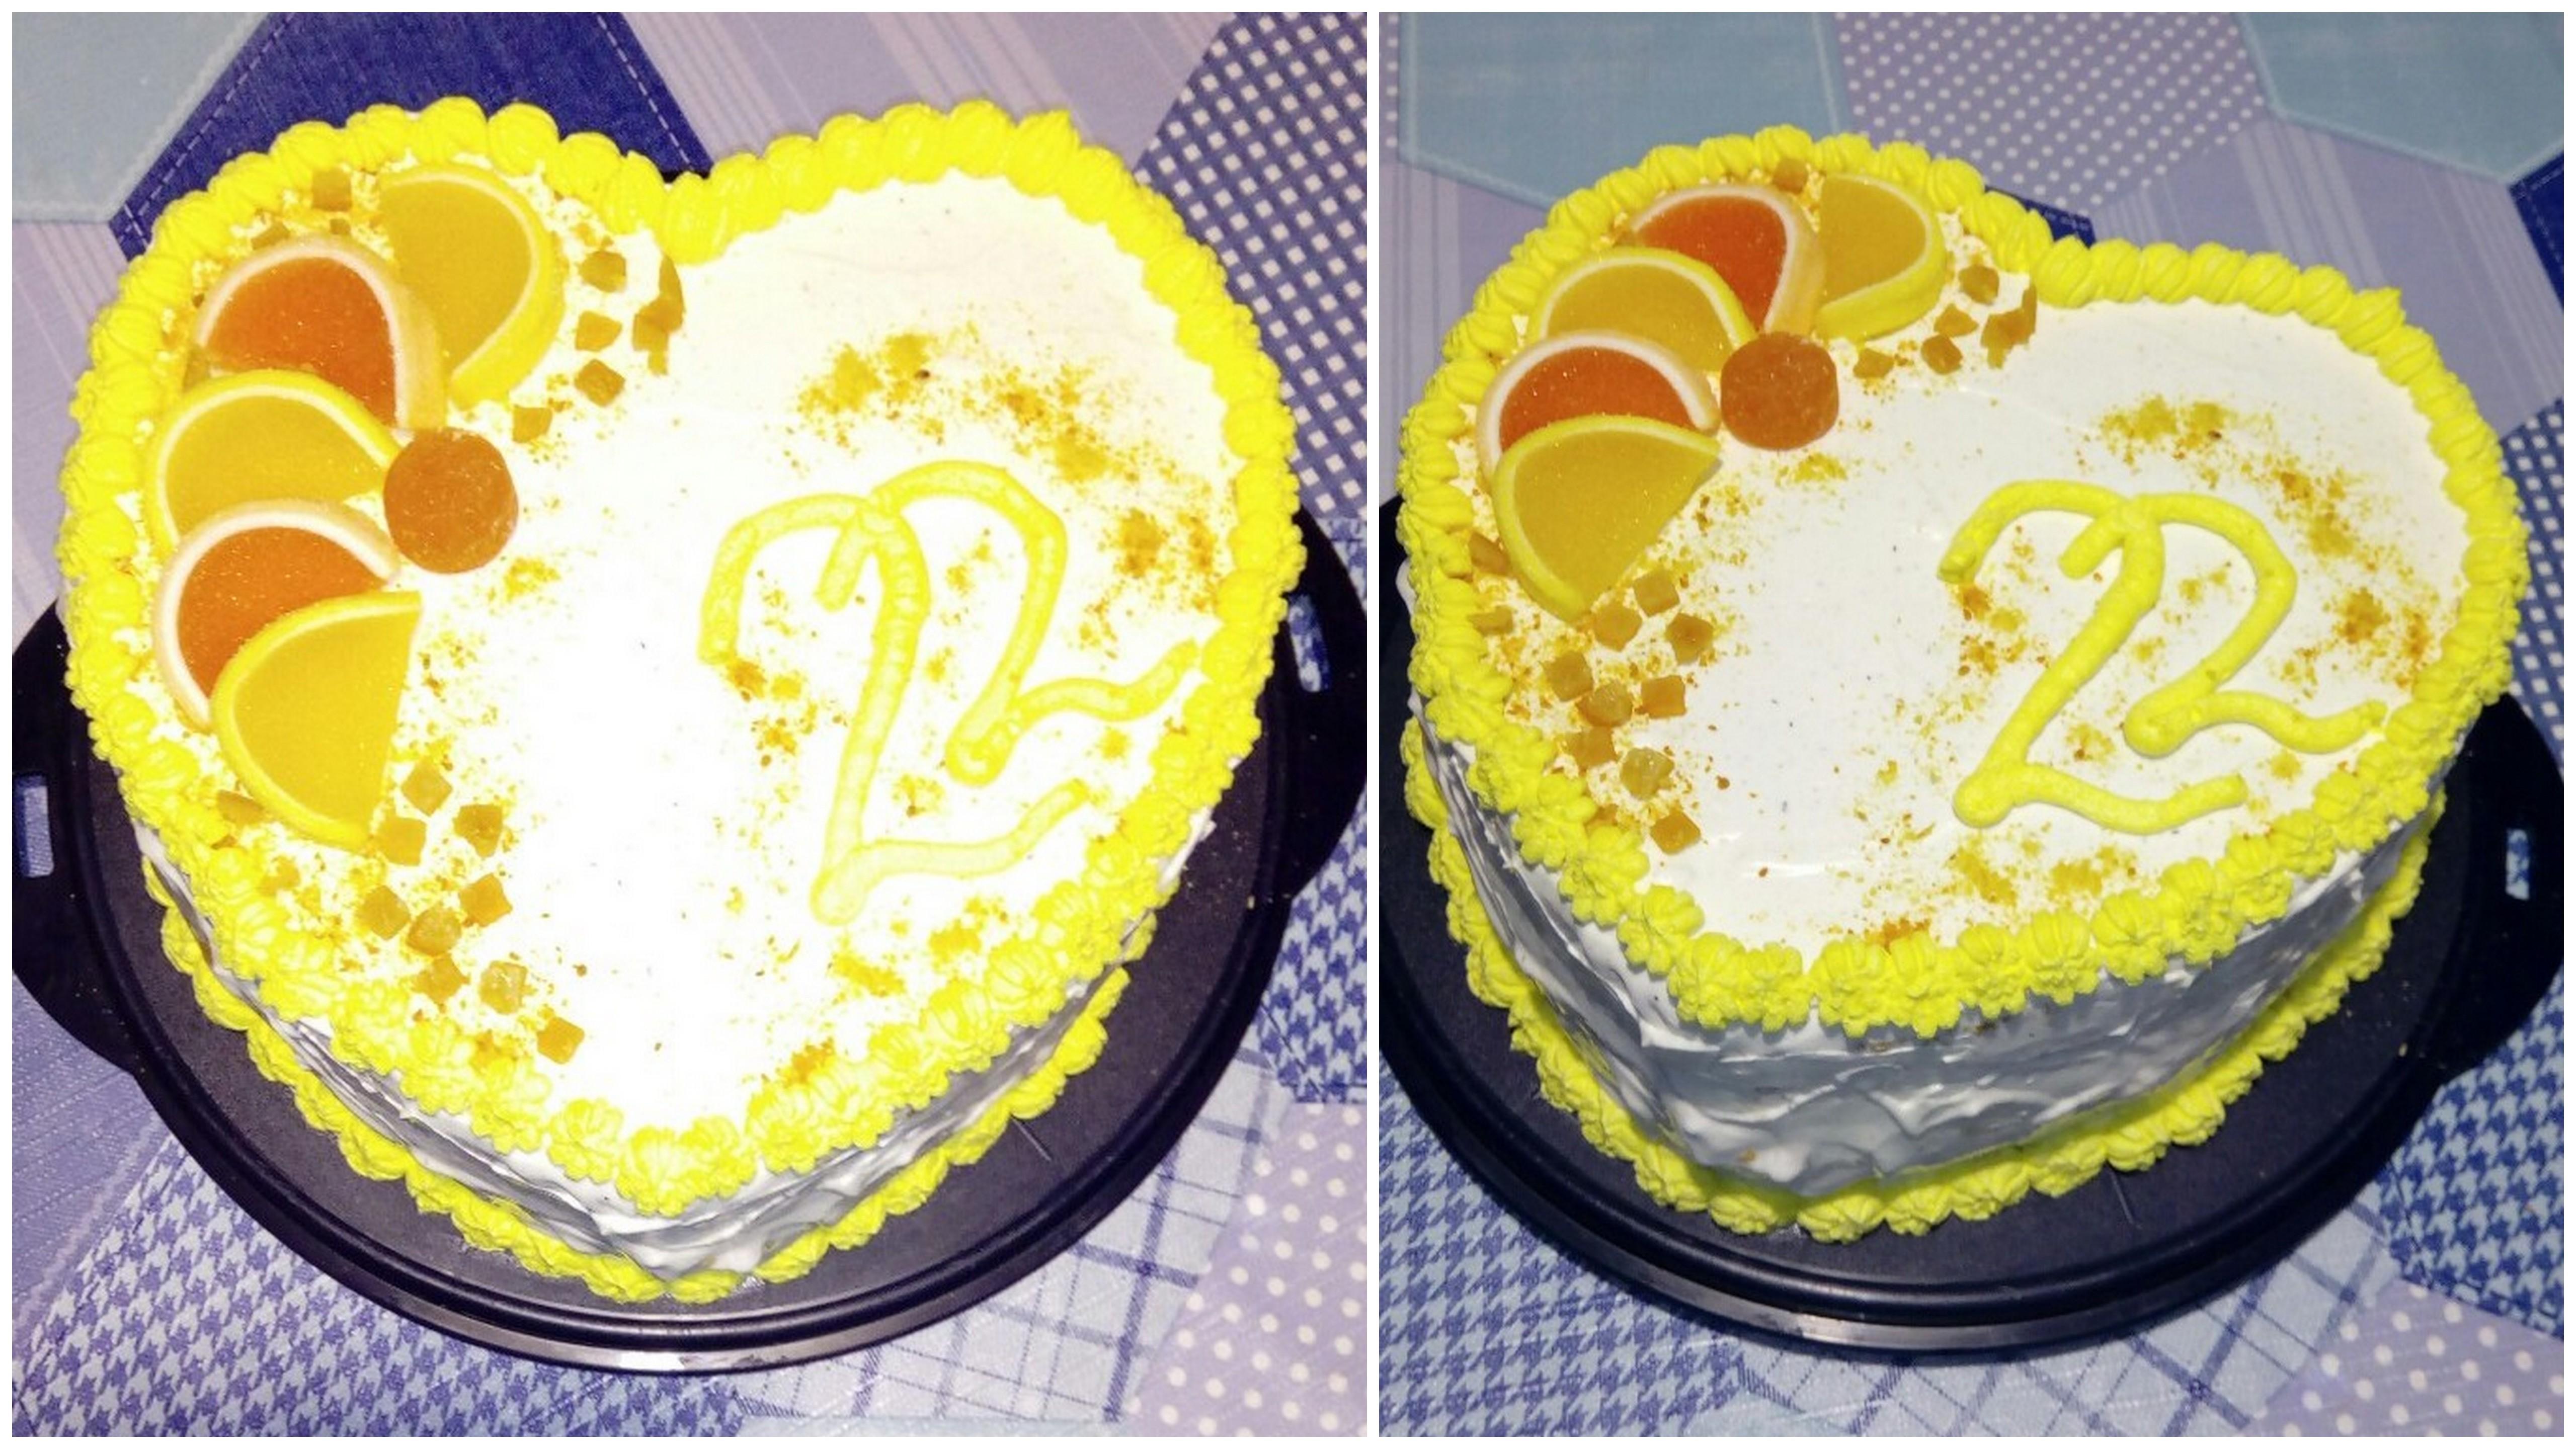 citromosalomtorta2.jpg